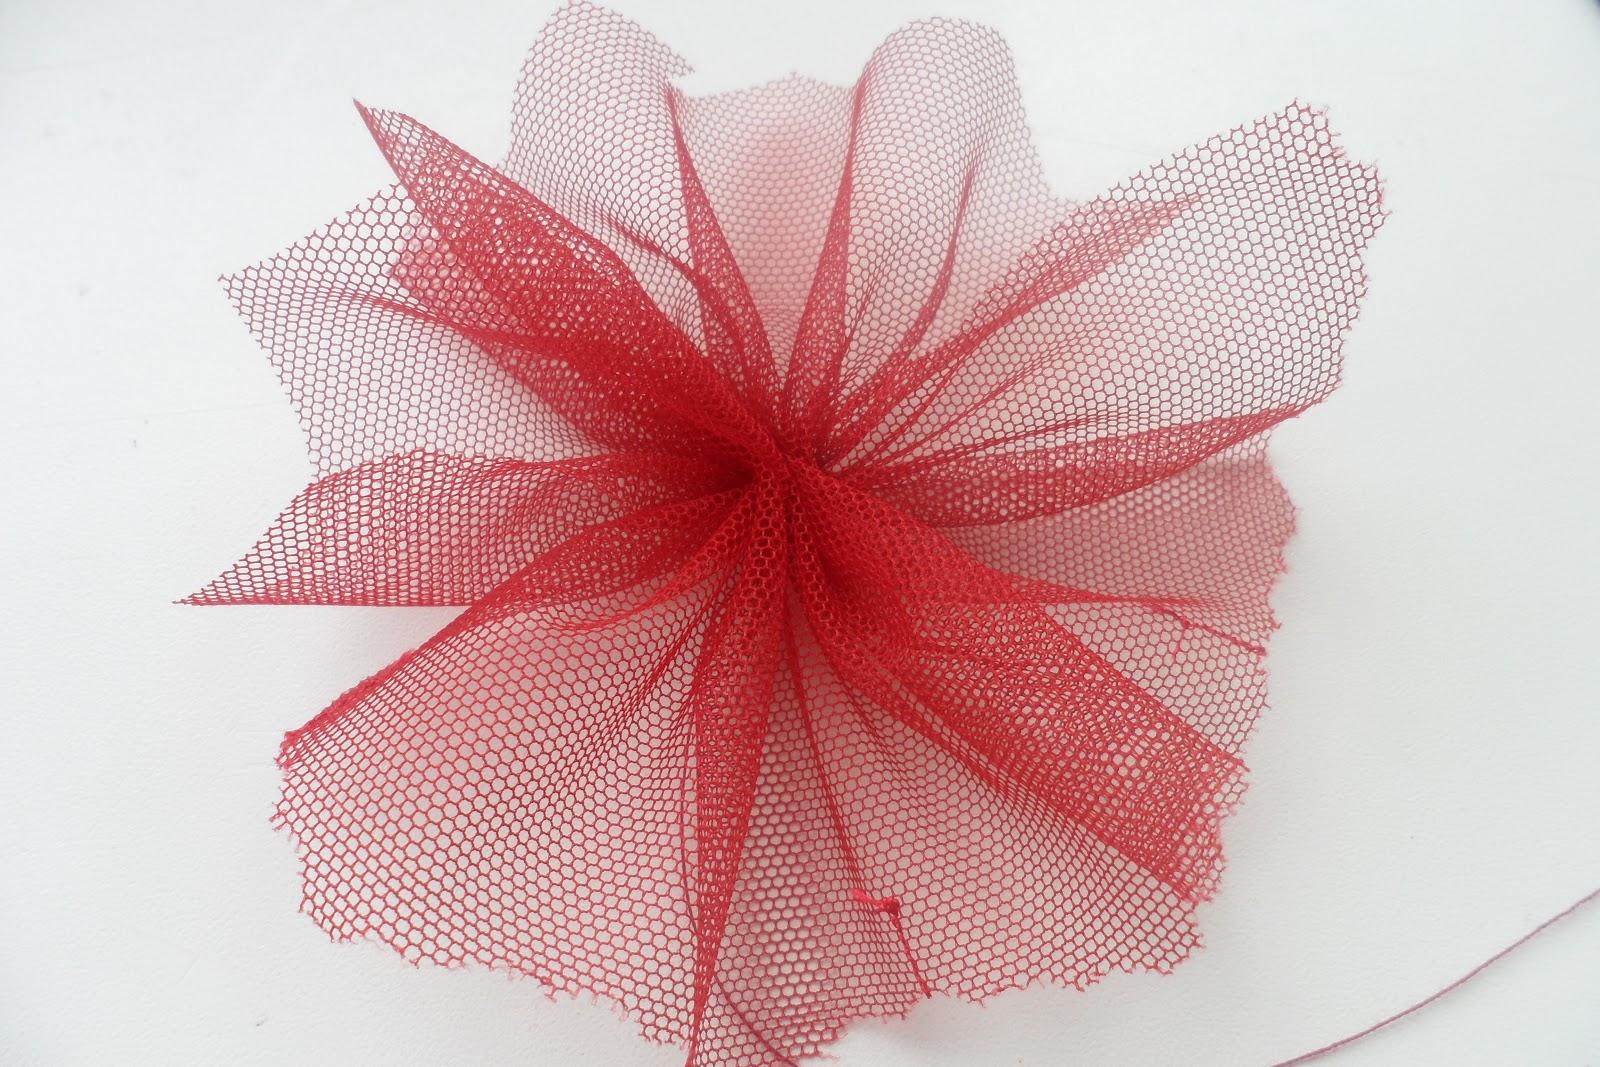 Как сделать из органзы сделать цветок